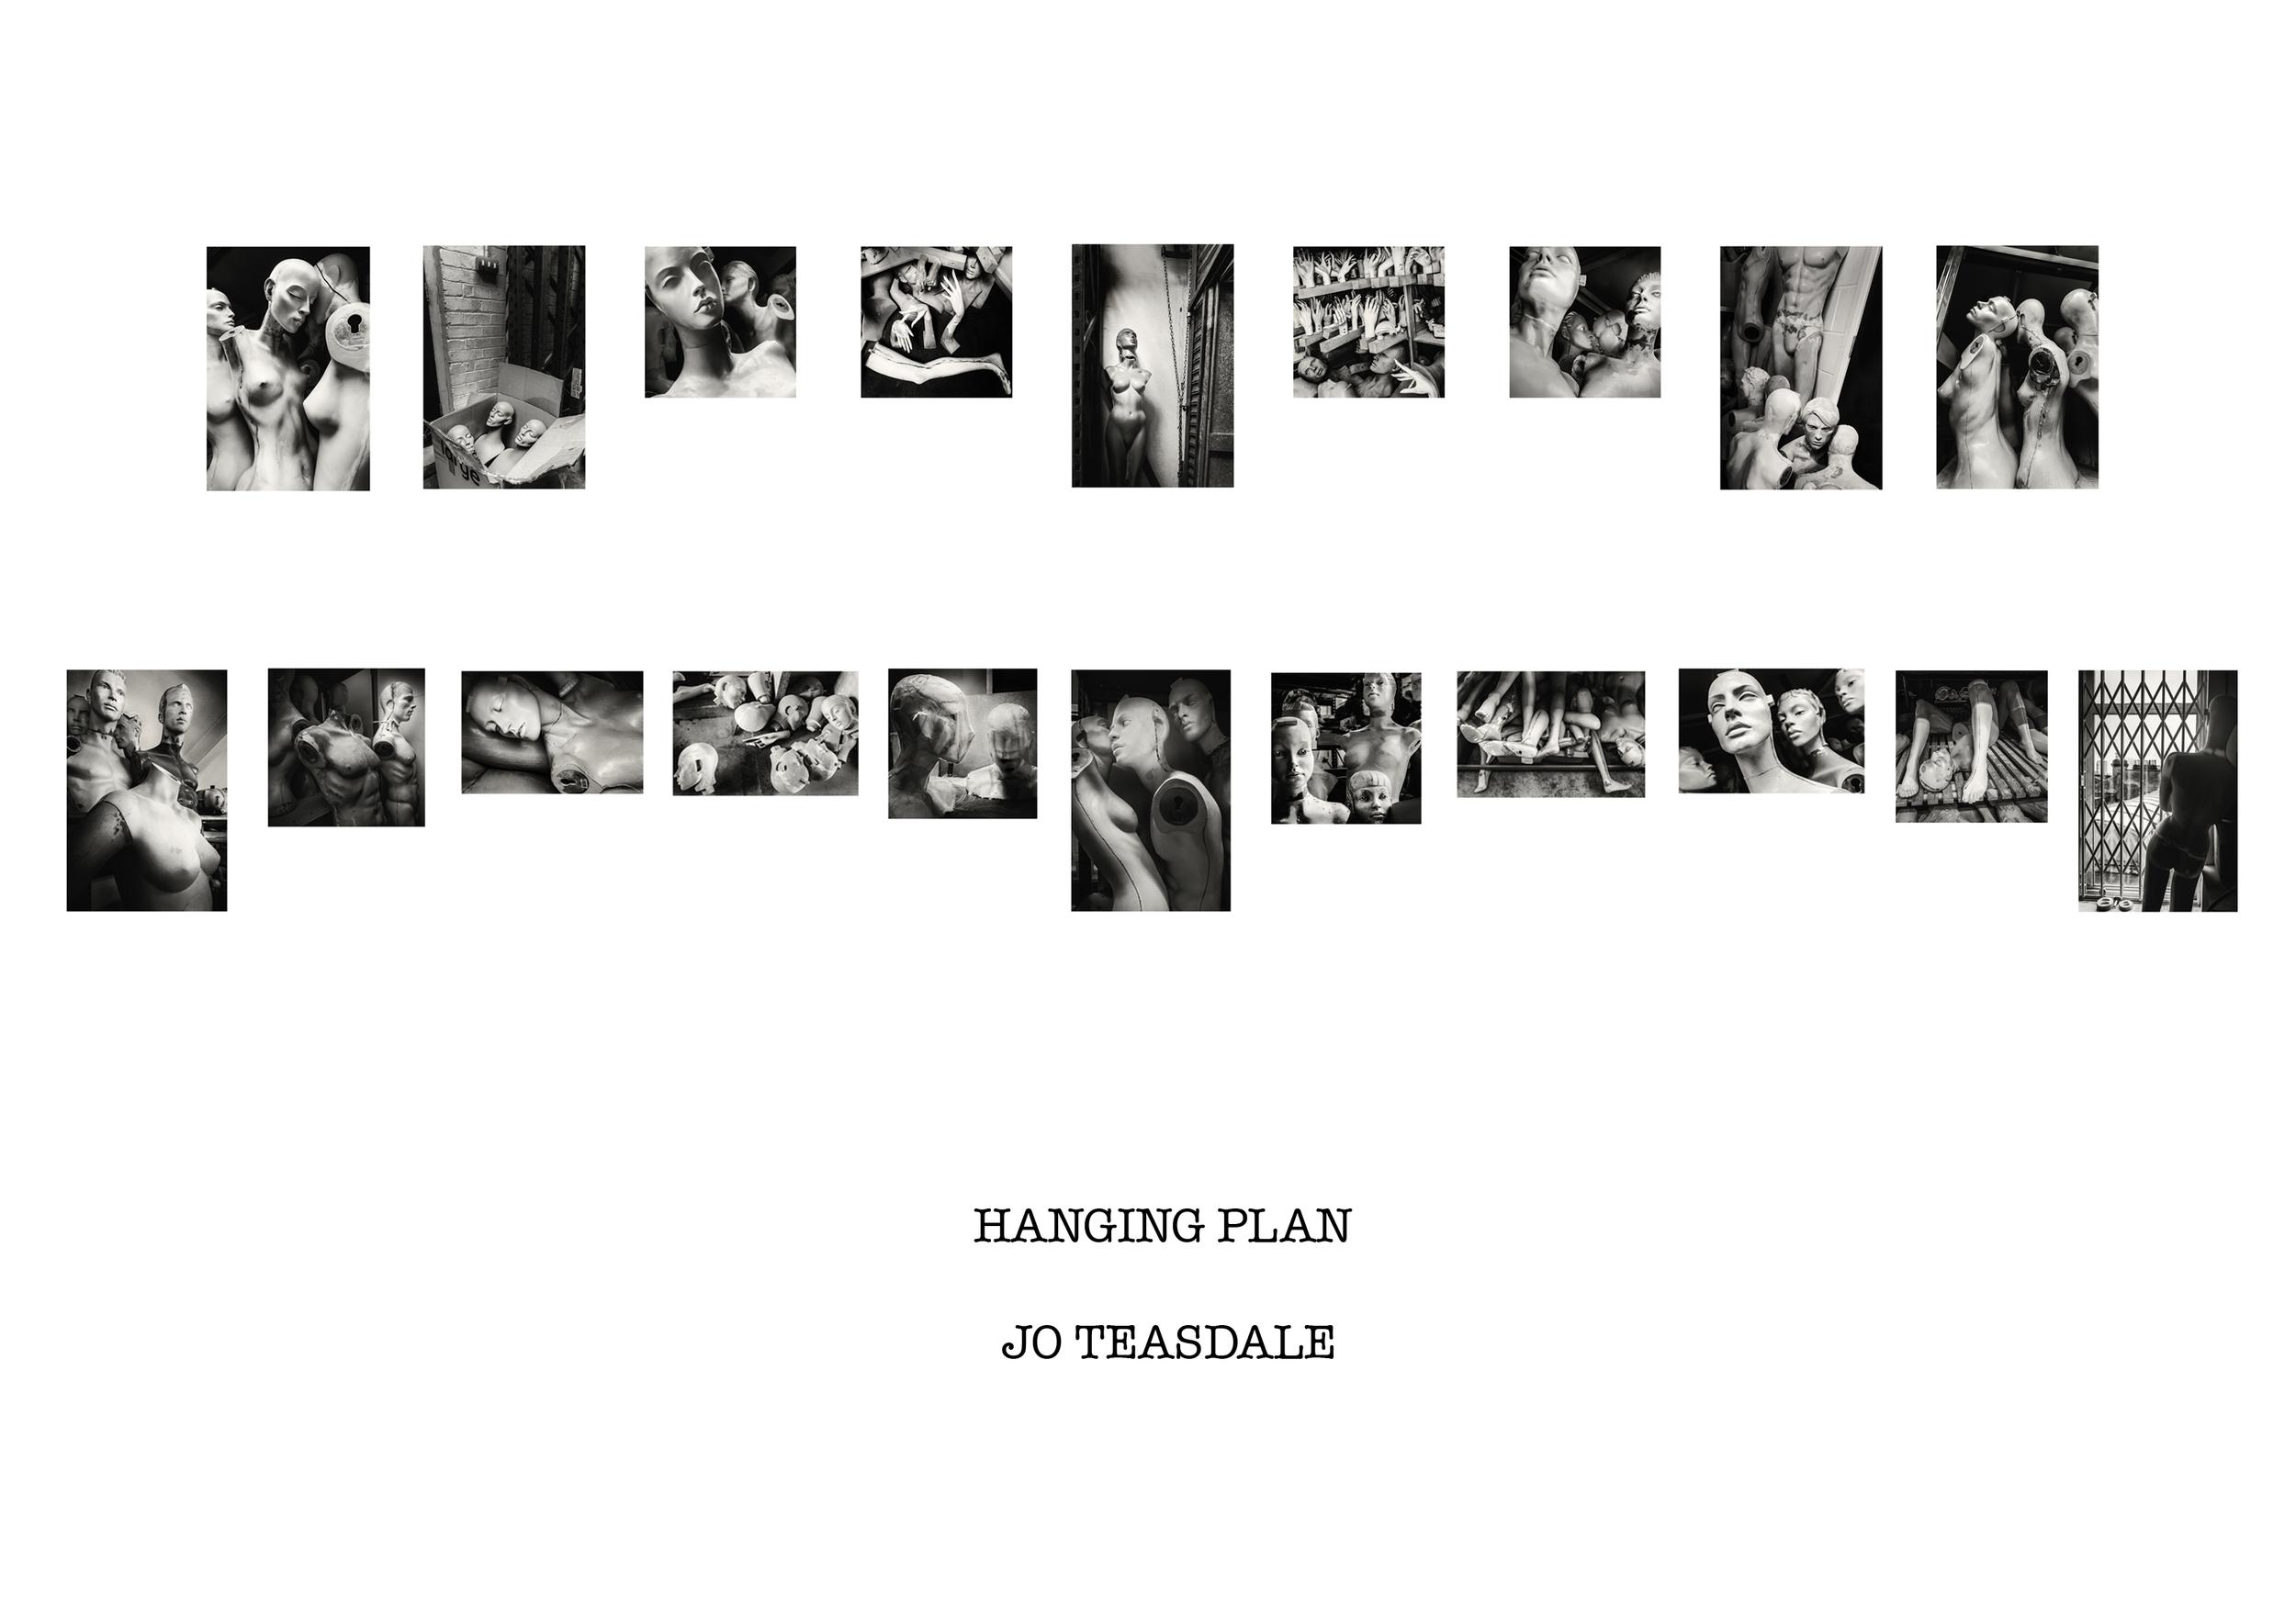 Hanging Plan